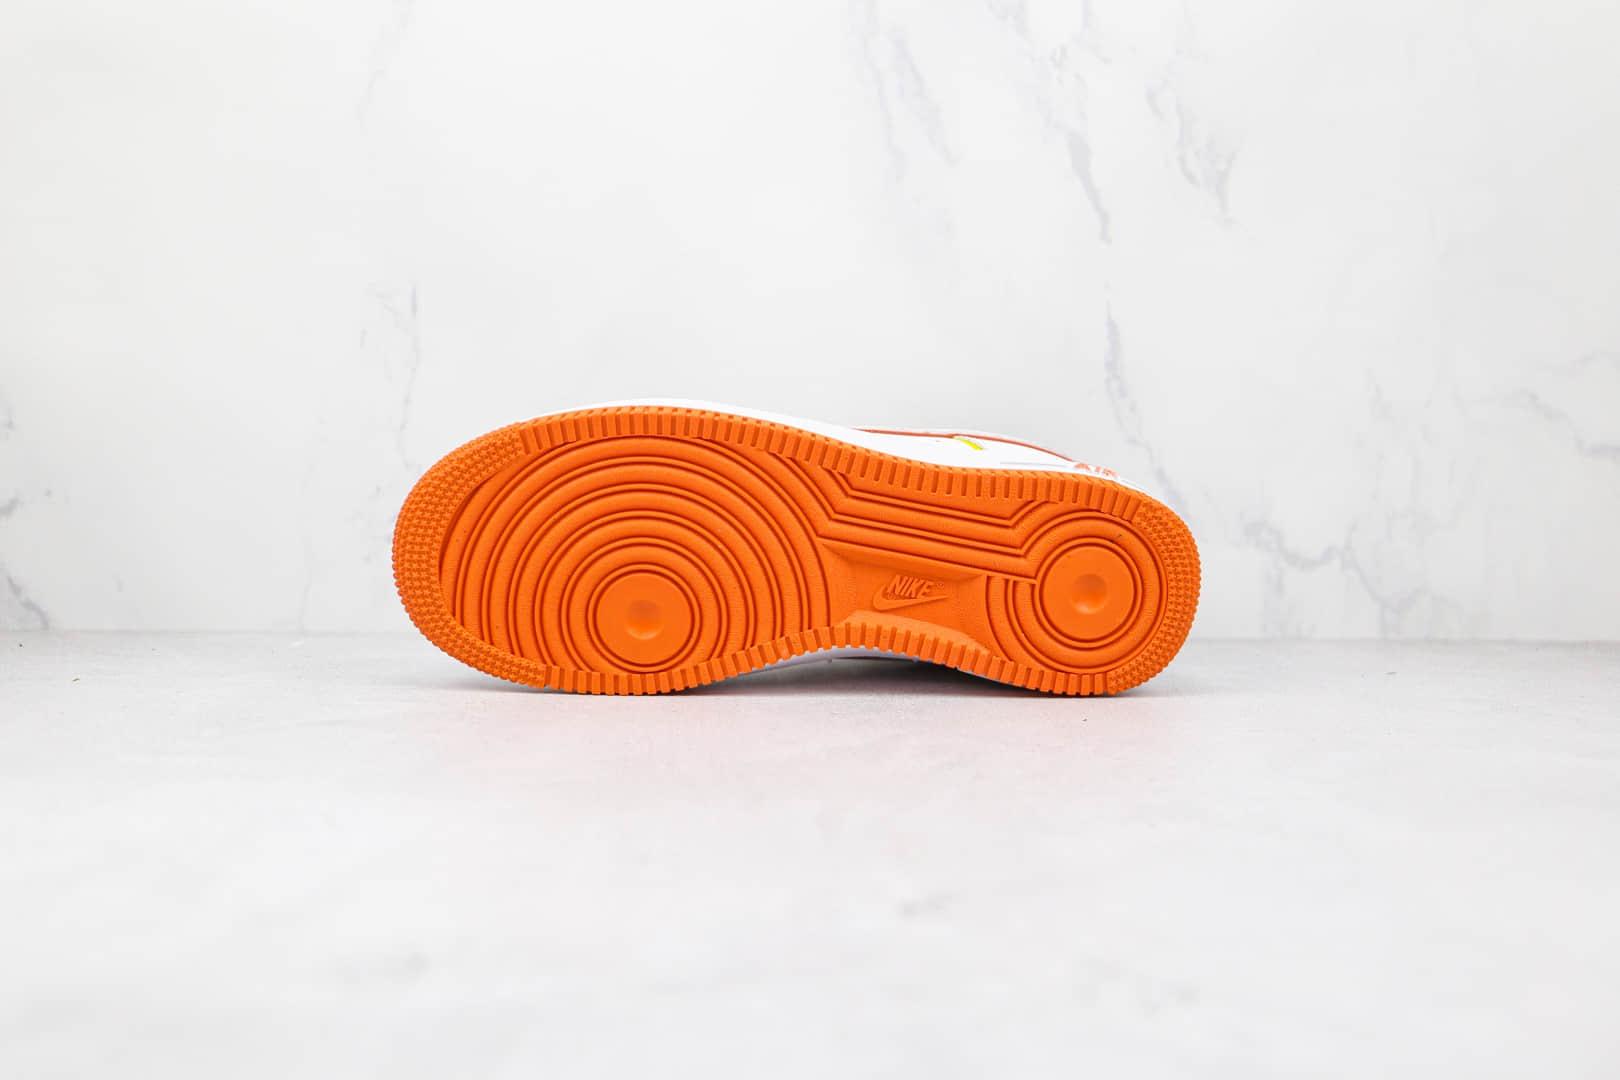 耐克Nike Air Force1 Low纯原版本低帮空军一号火星人限定白橙色板鞋内置Sole气垫 货号:315122-185